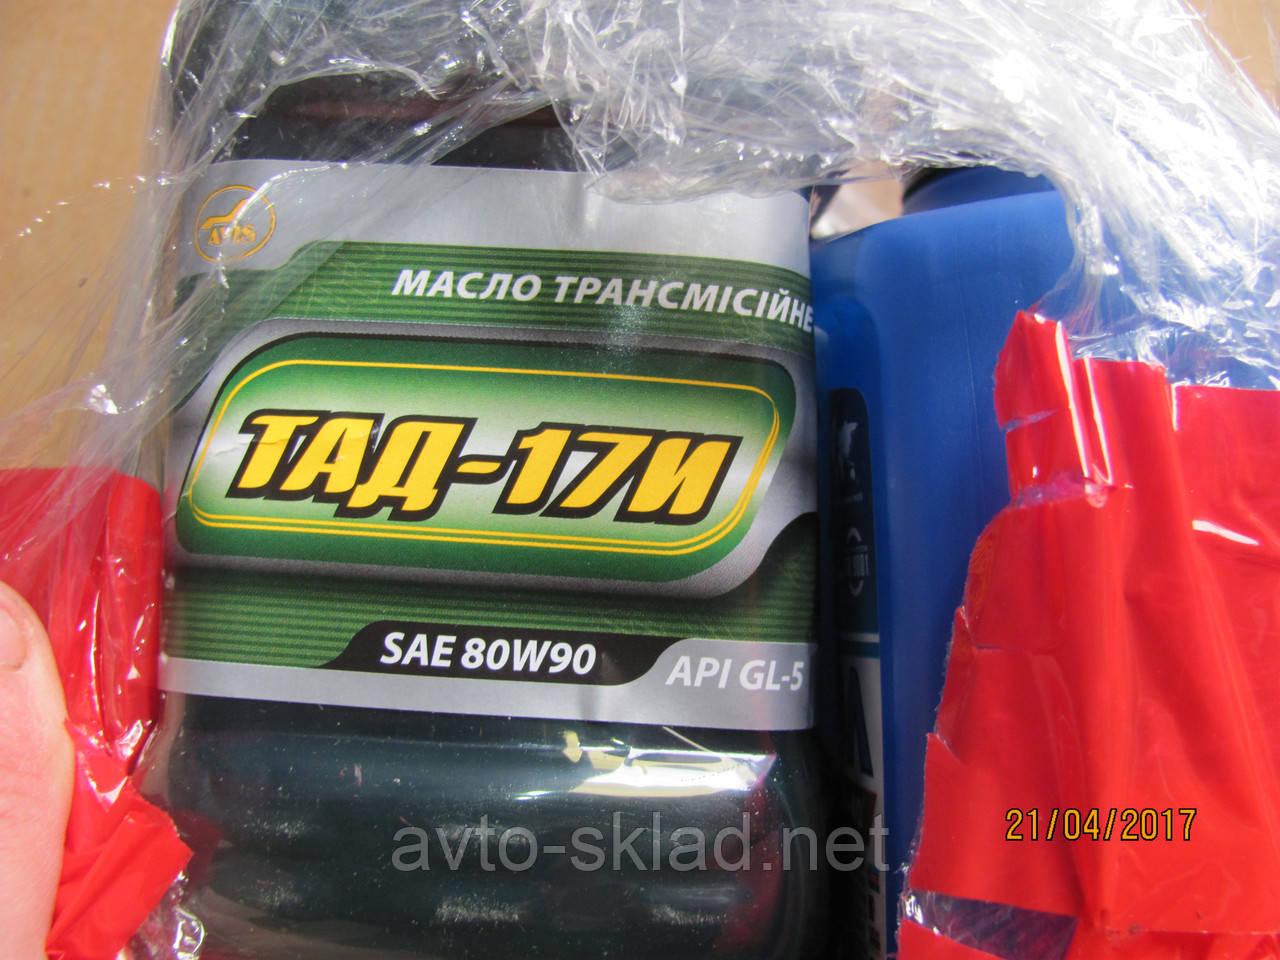 Масло трансмиссионное Авис ТАД-17 1,3 л 80W-90